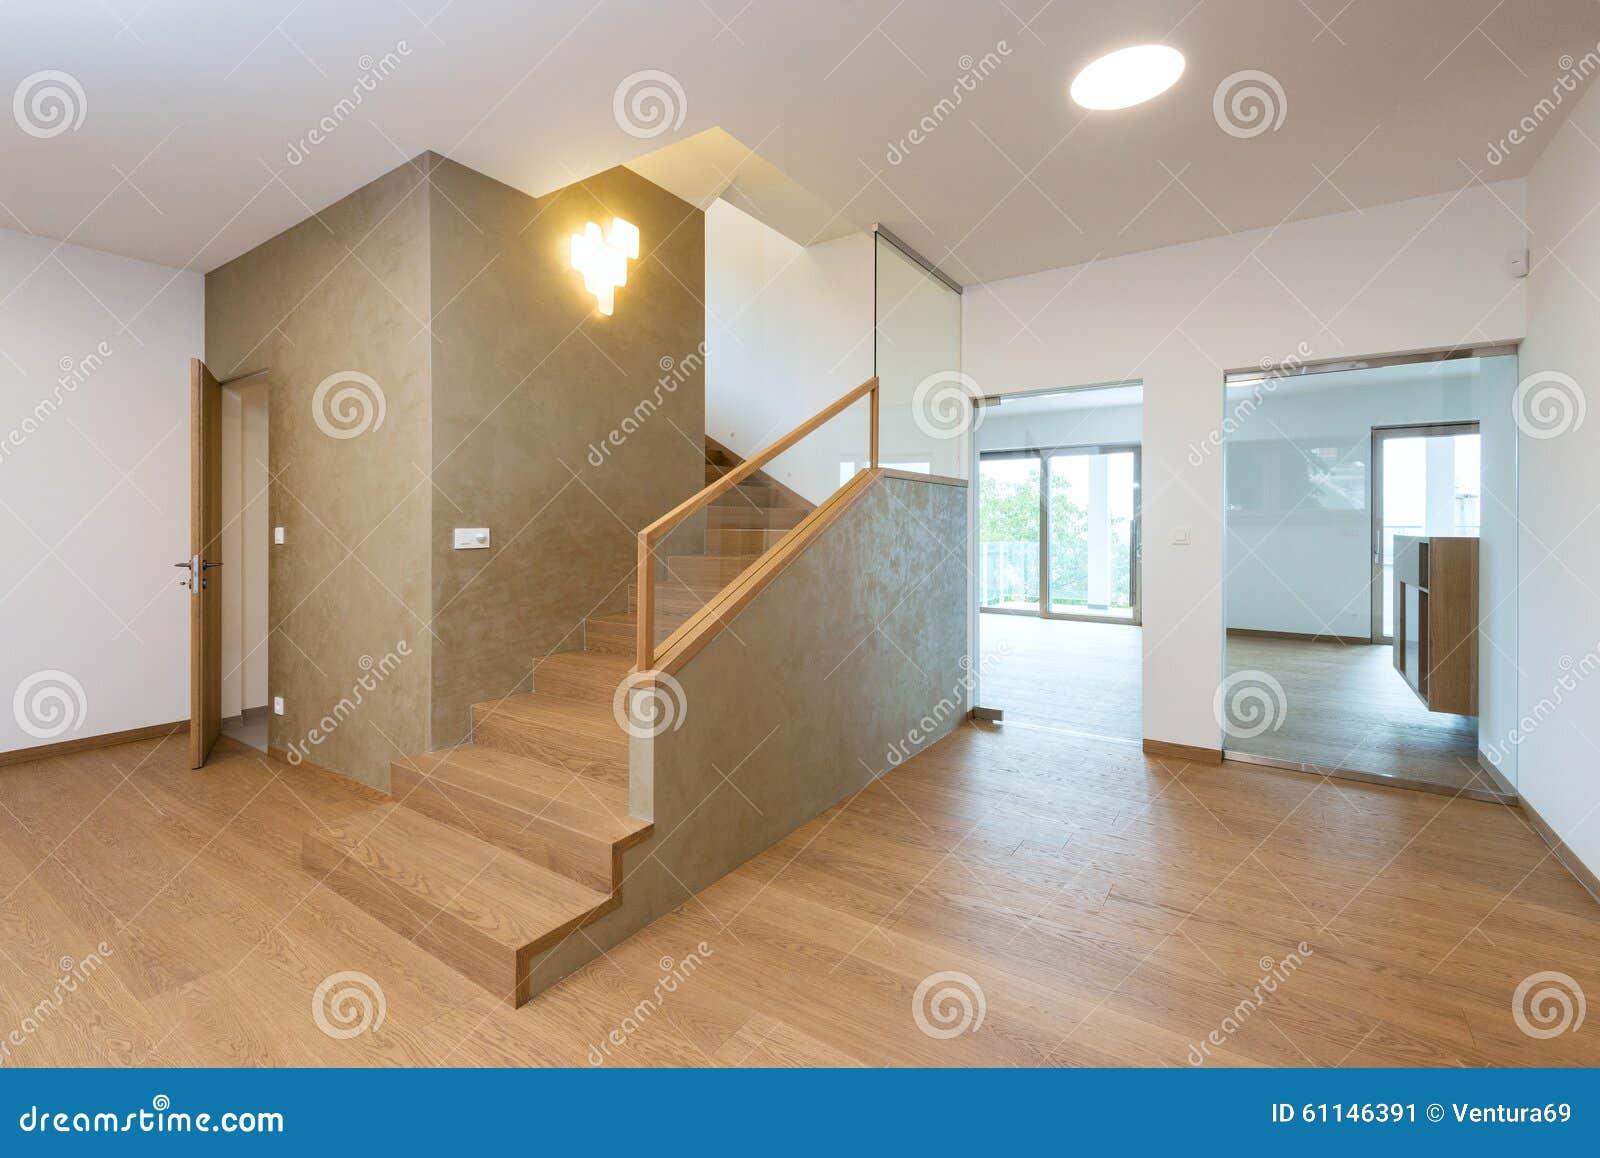 Gang met trap in modern huis stock foto afbeelding 61146391 - Gang huis ...